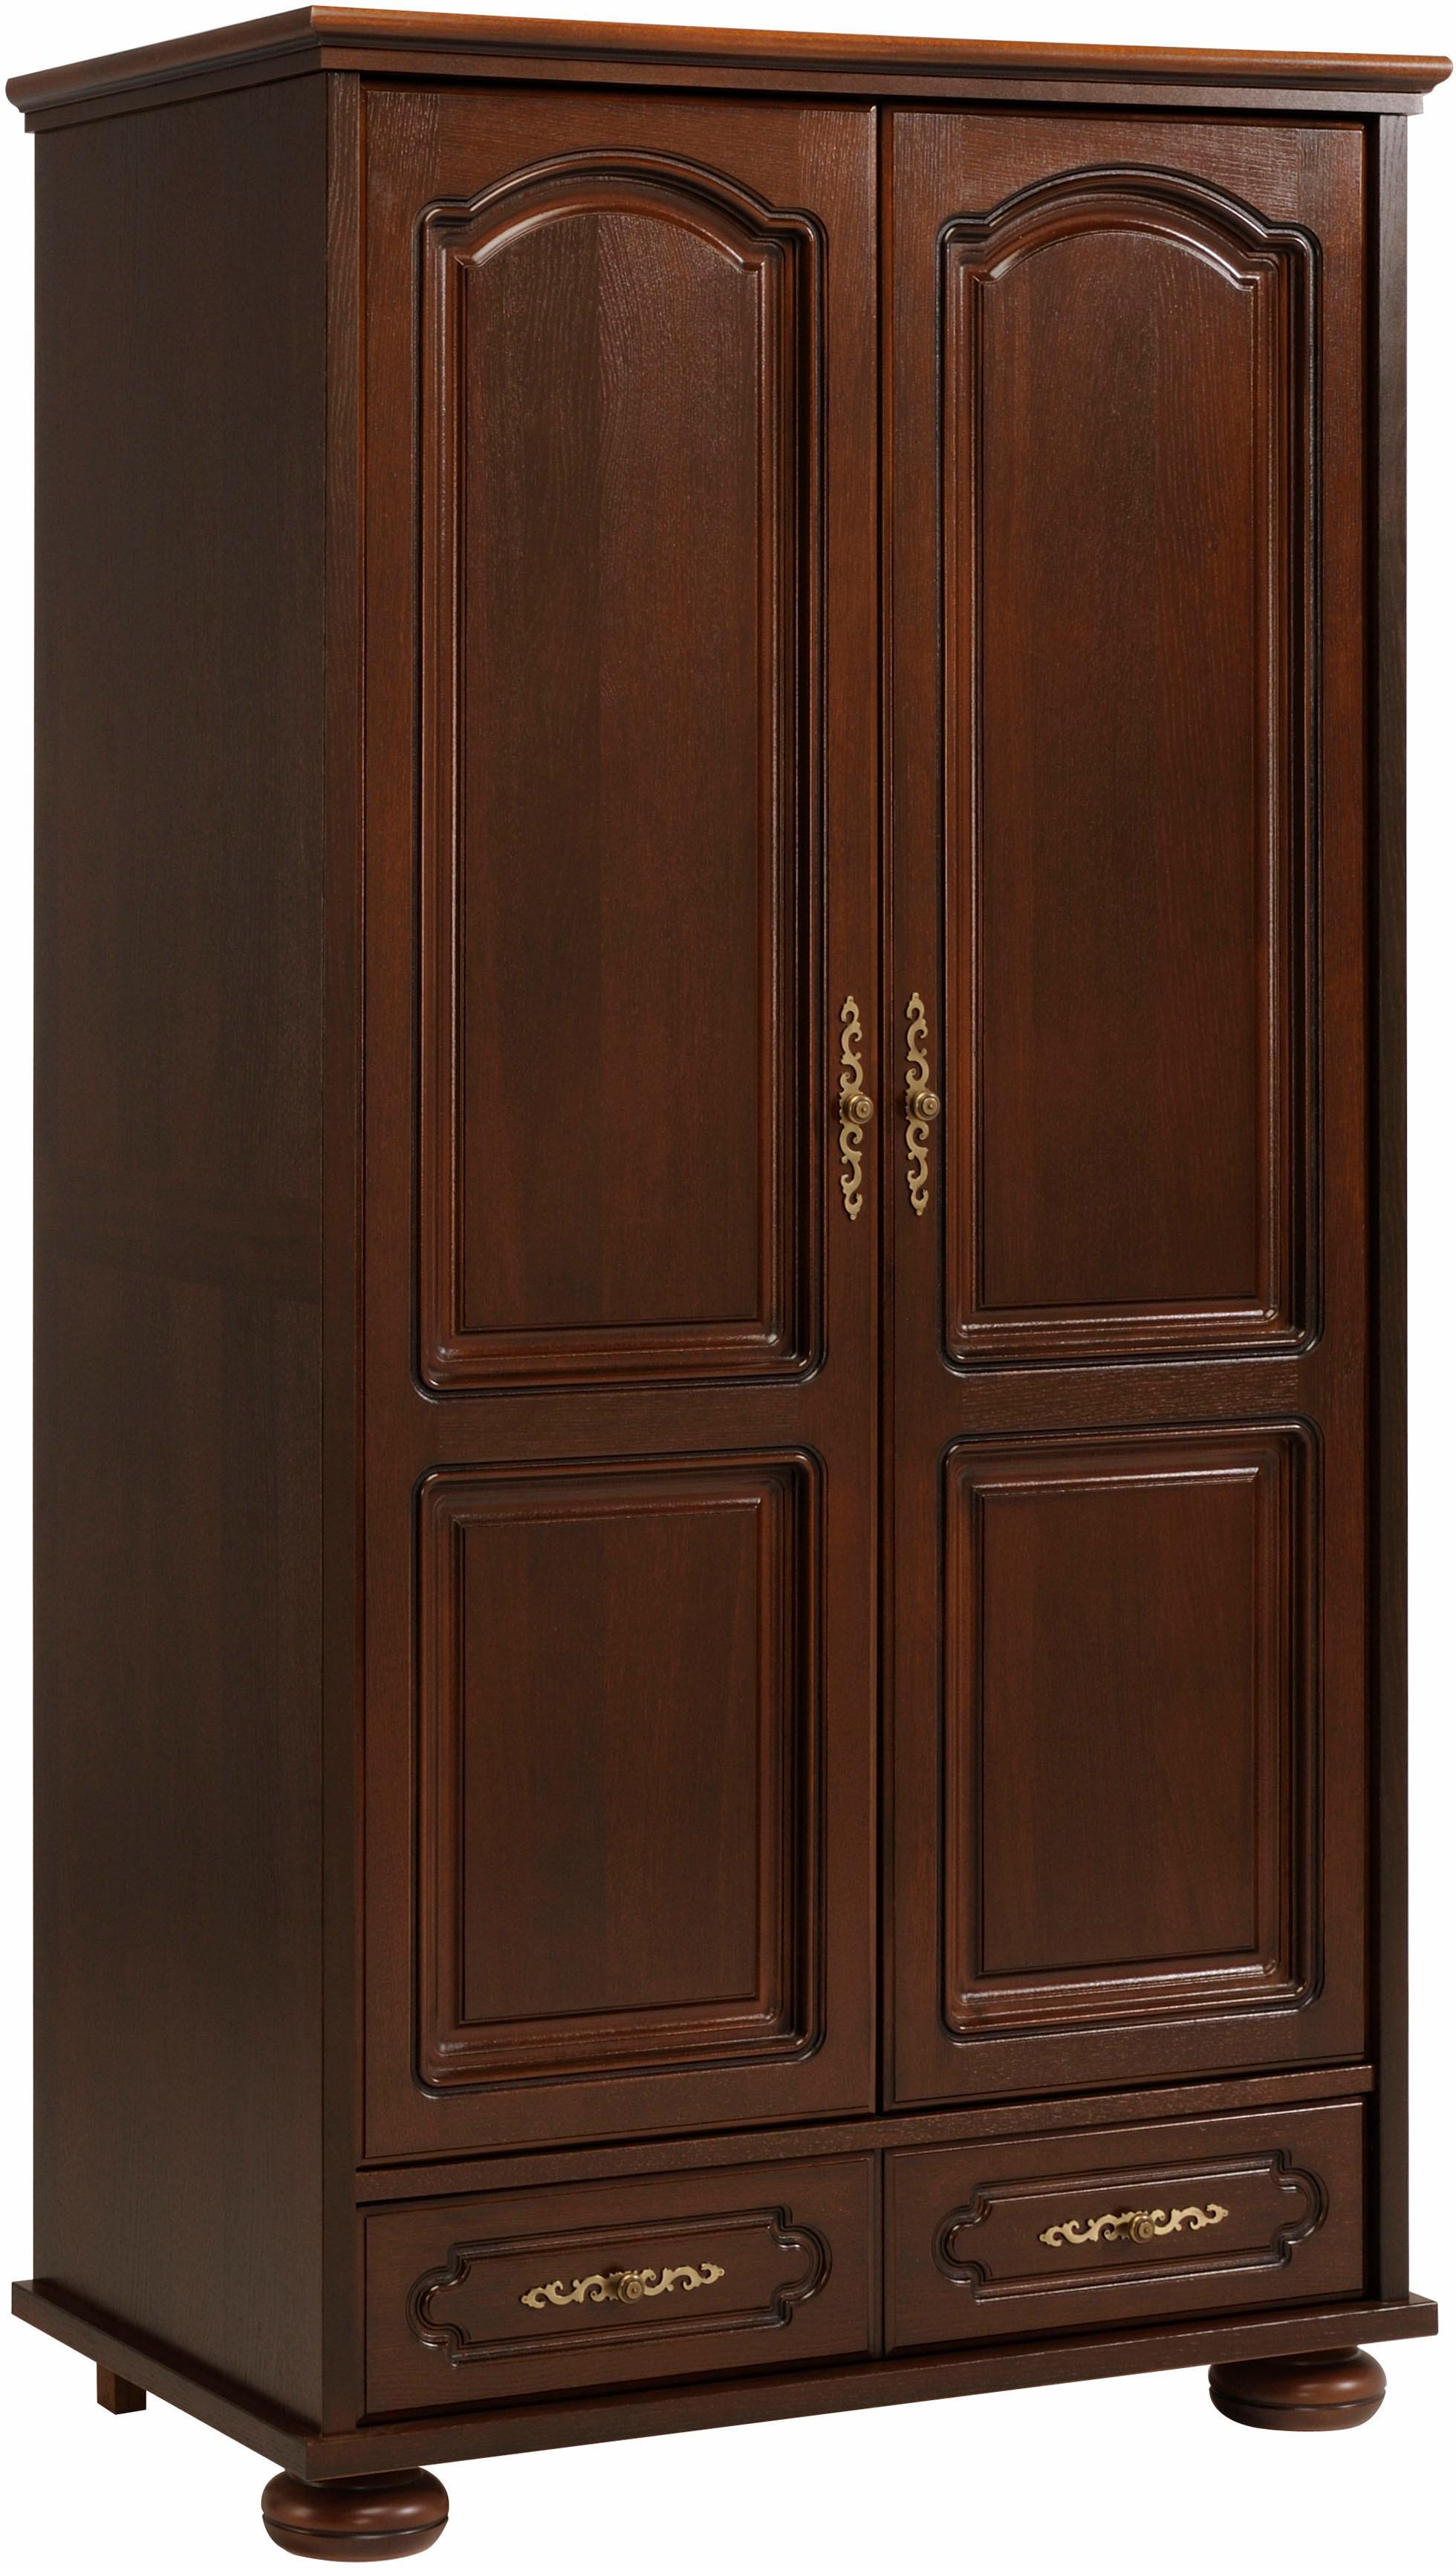 Braun Holzfurnier Drehtürenschränke Online Kaufen Möbel